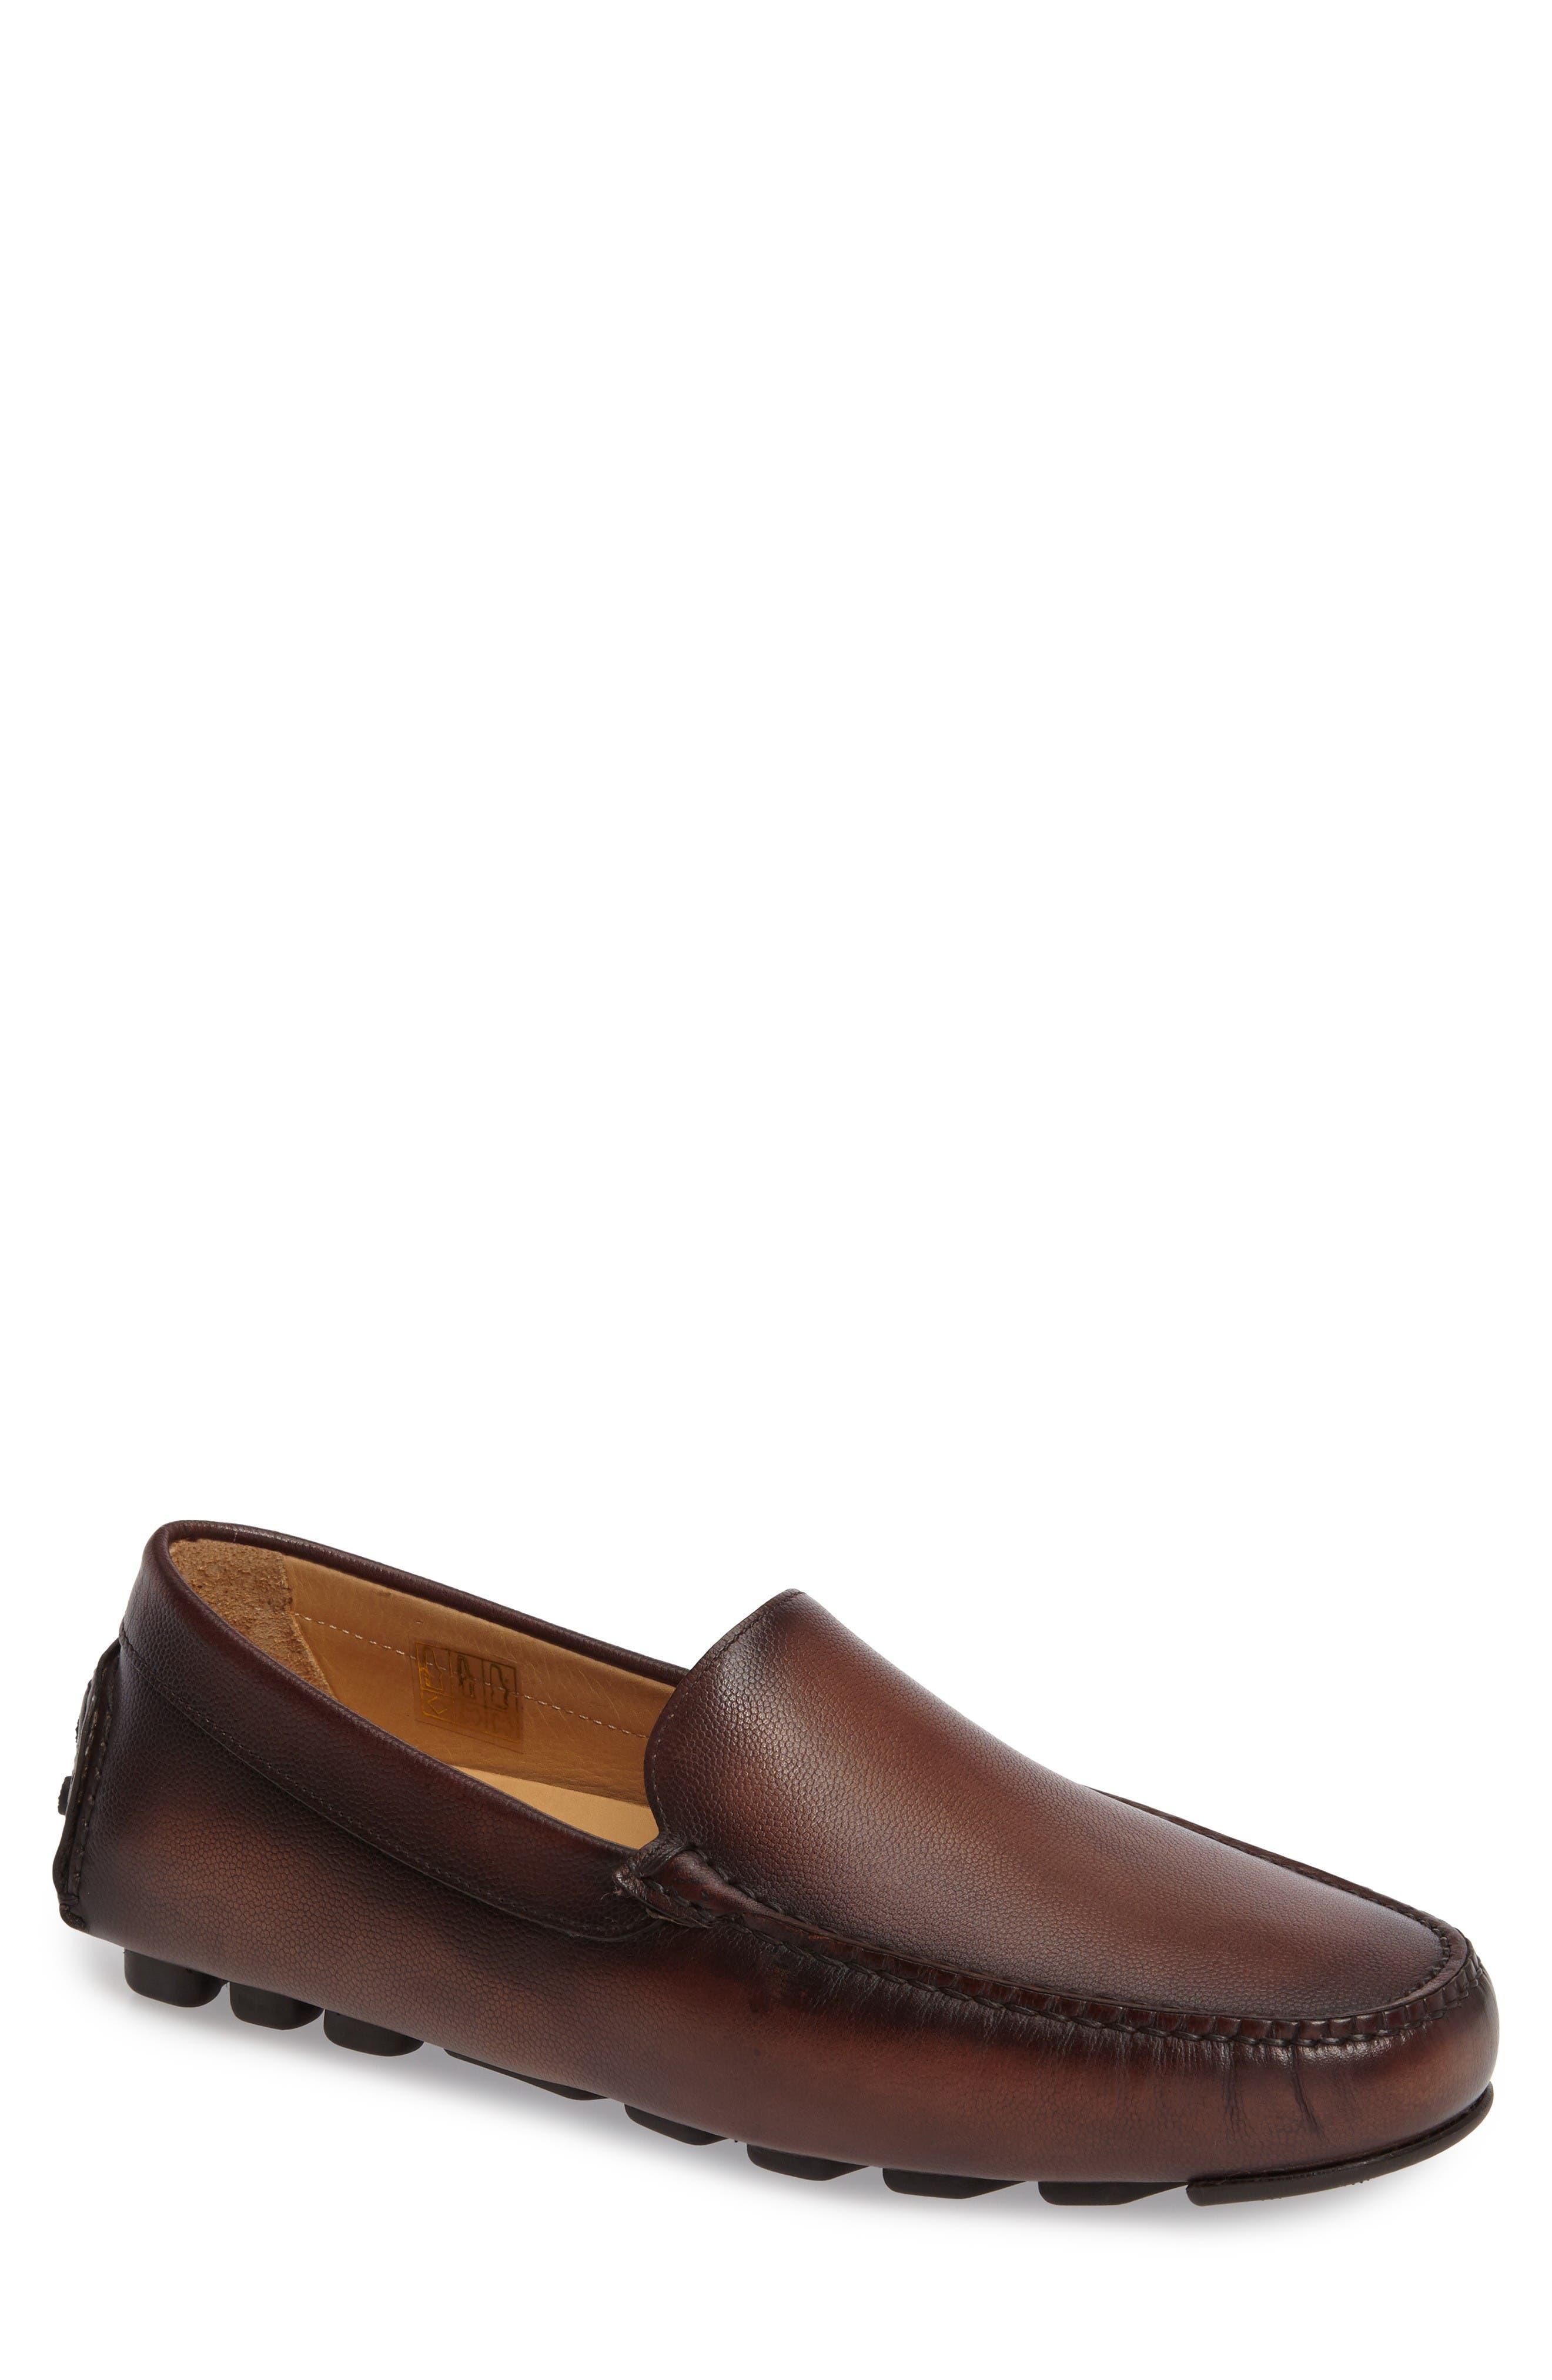 Alternate Image 1 Selected - Di Gallo Bianco Driving Shoe (Men)